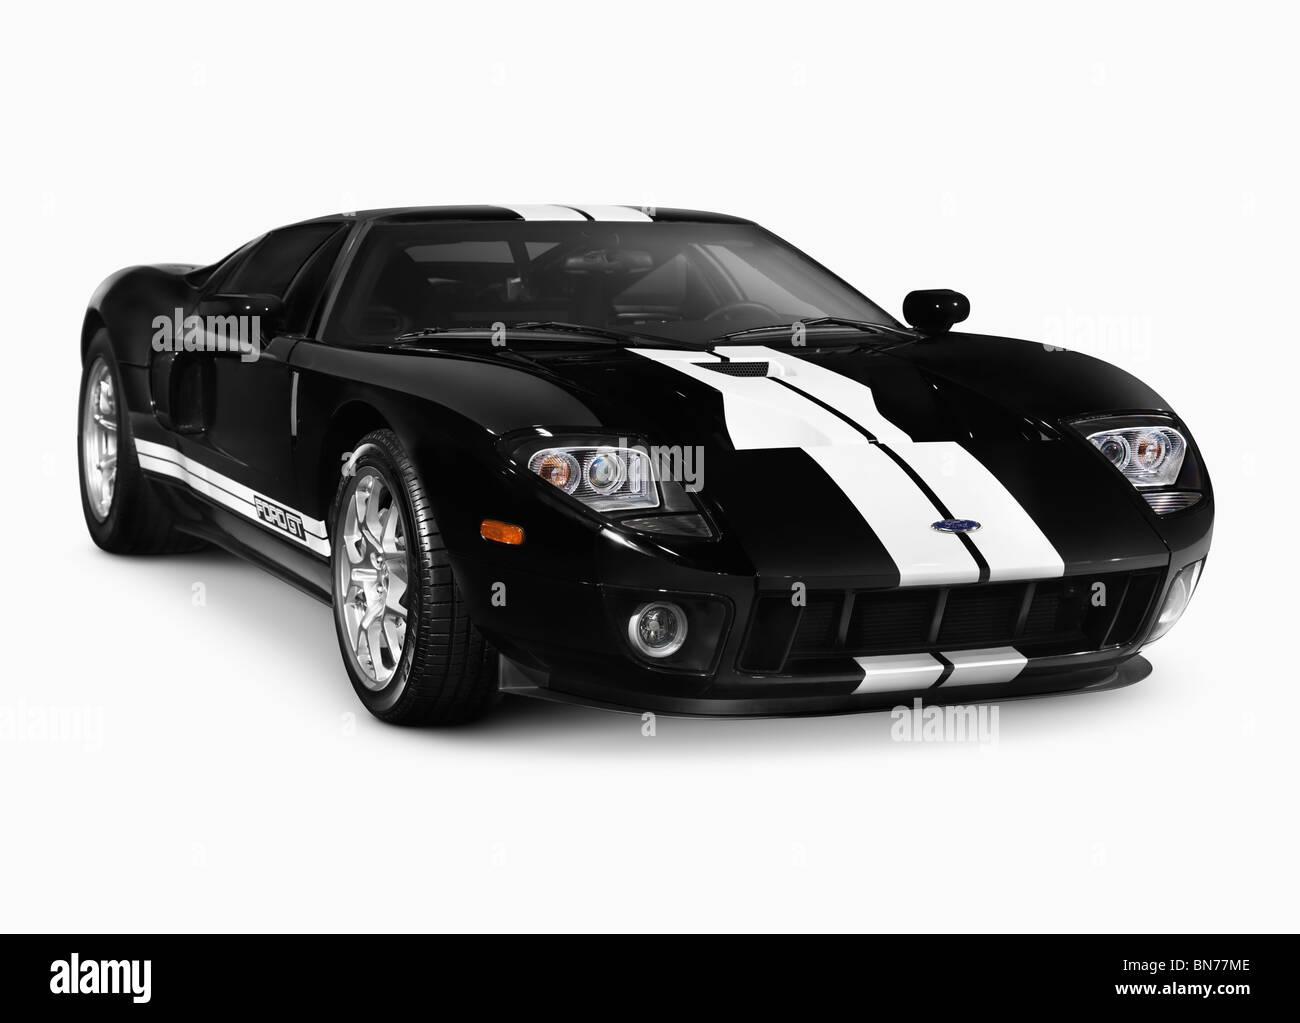 Black 2005-2006 Ford GT Supersportwagen Sportwagen mit Beschneidungspfad auf weißen Hintergrund isoliert Stockbild